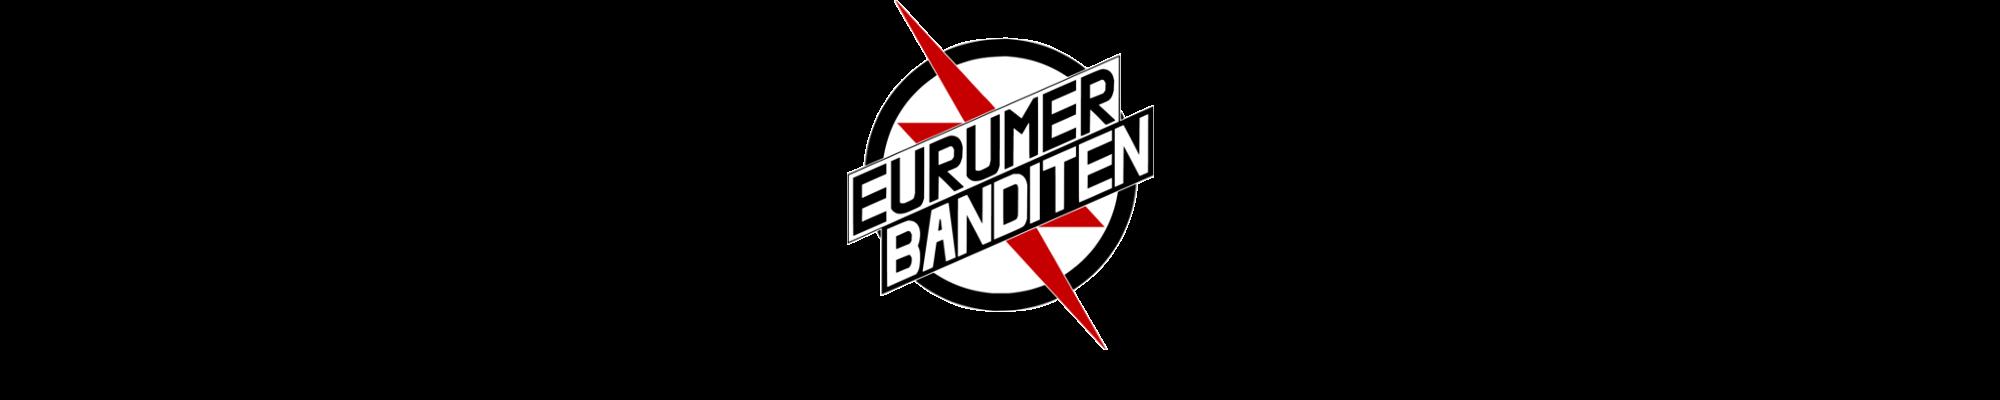 Eurumer Banditen